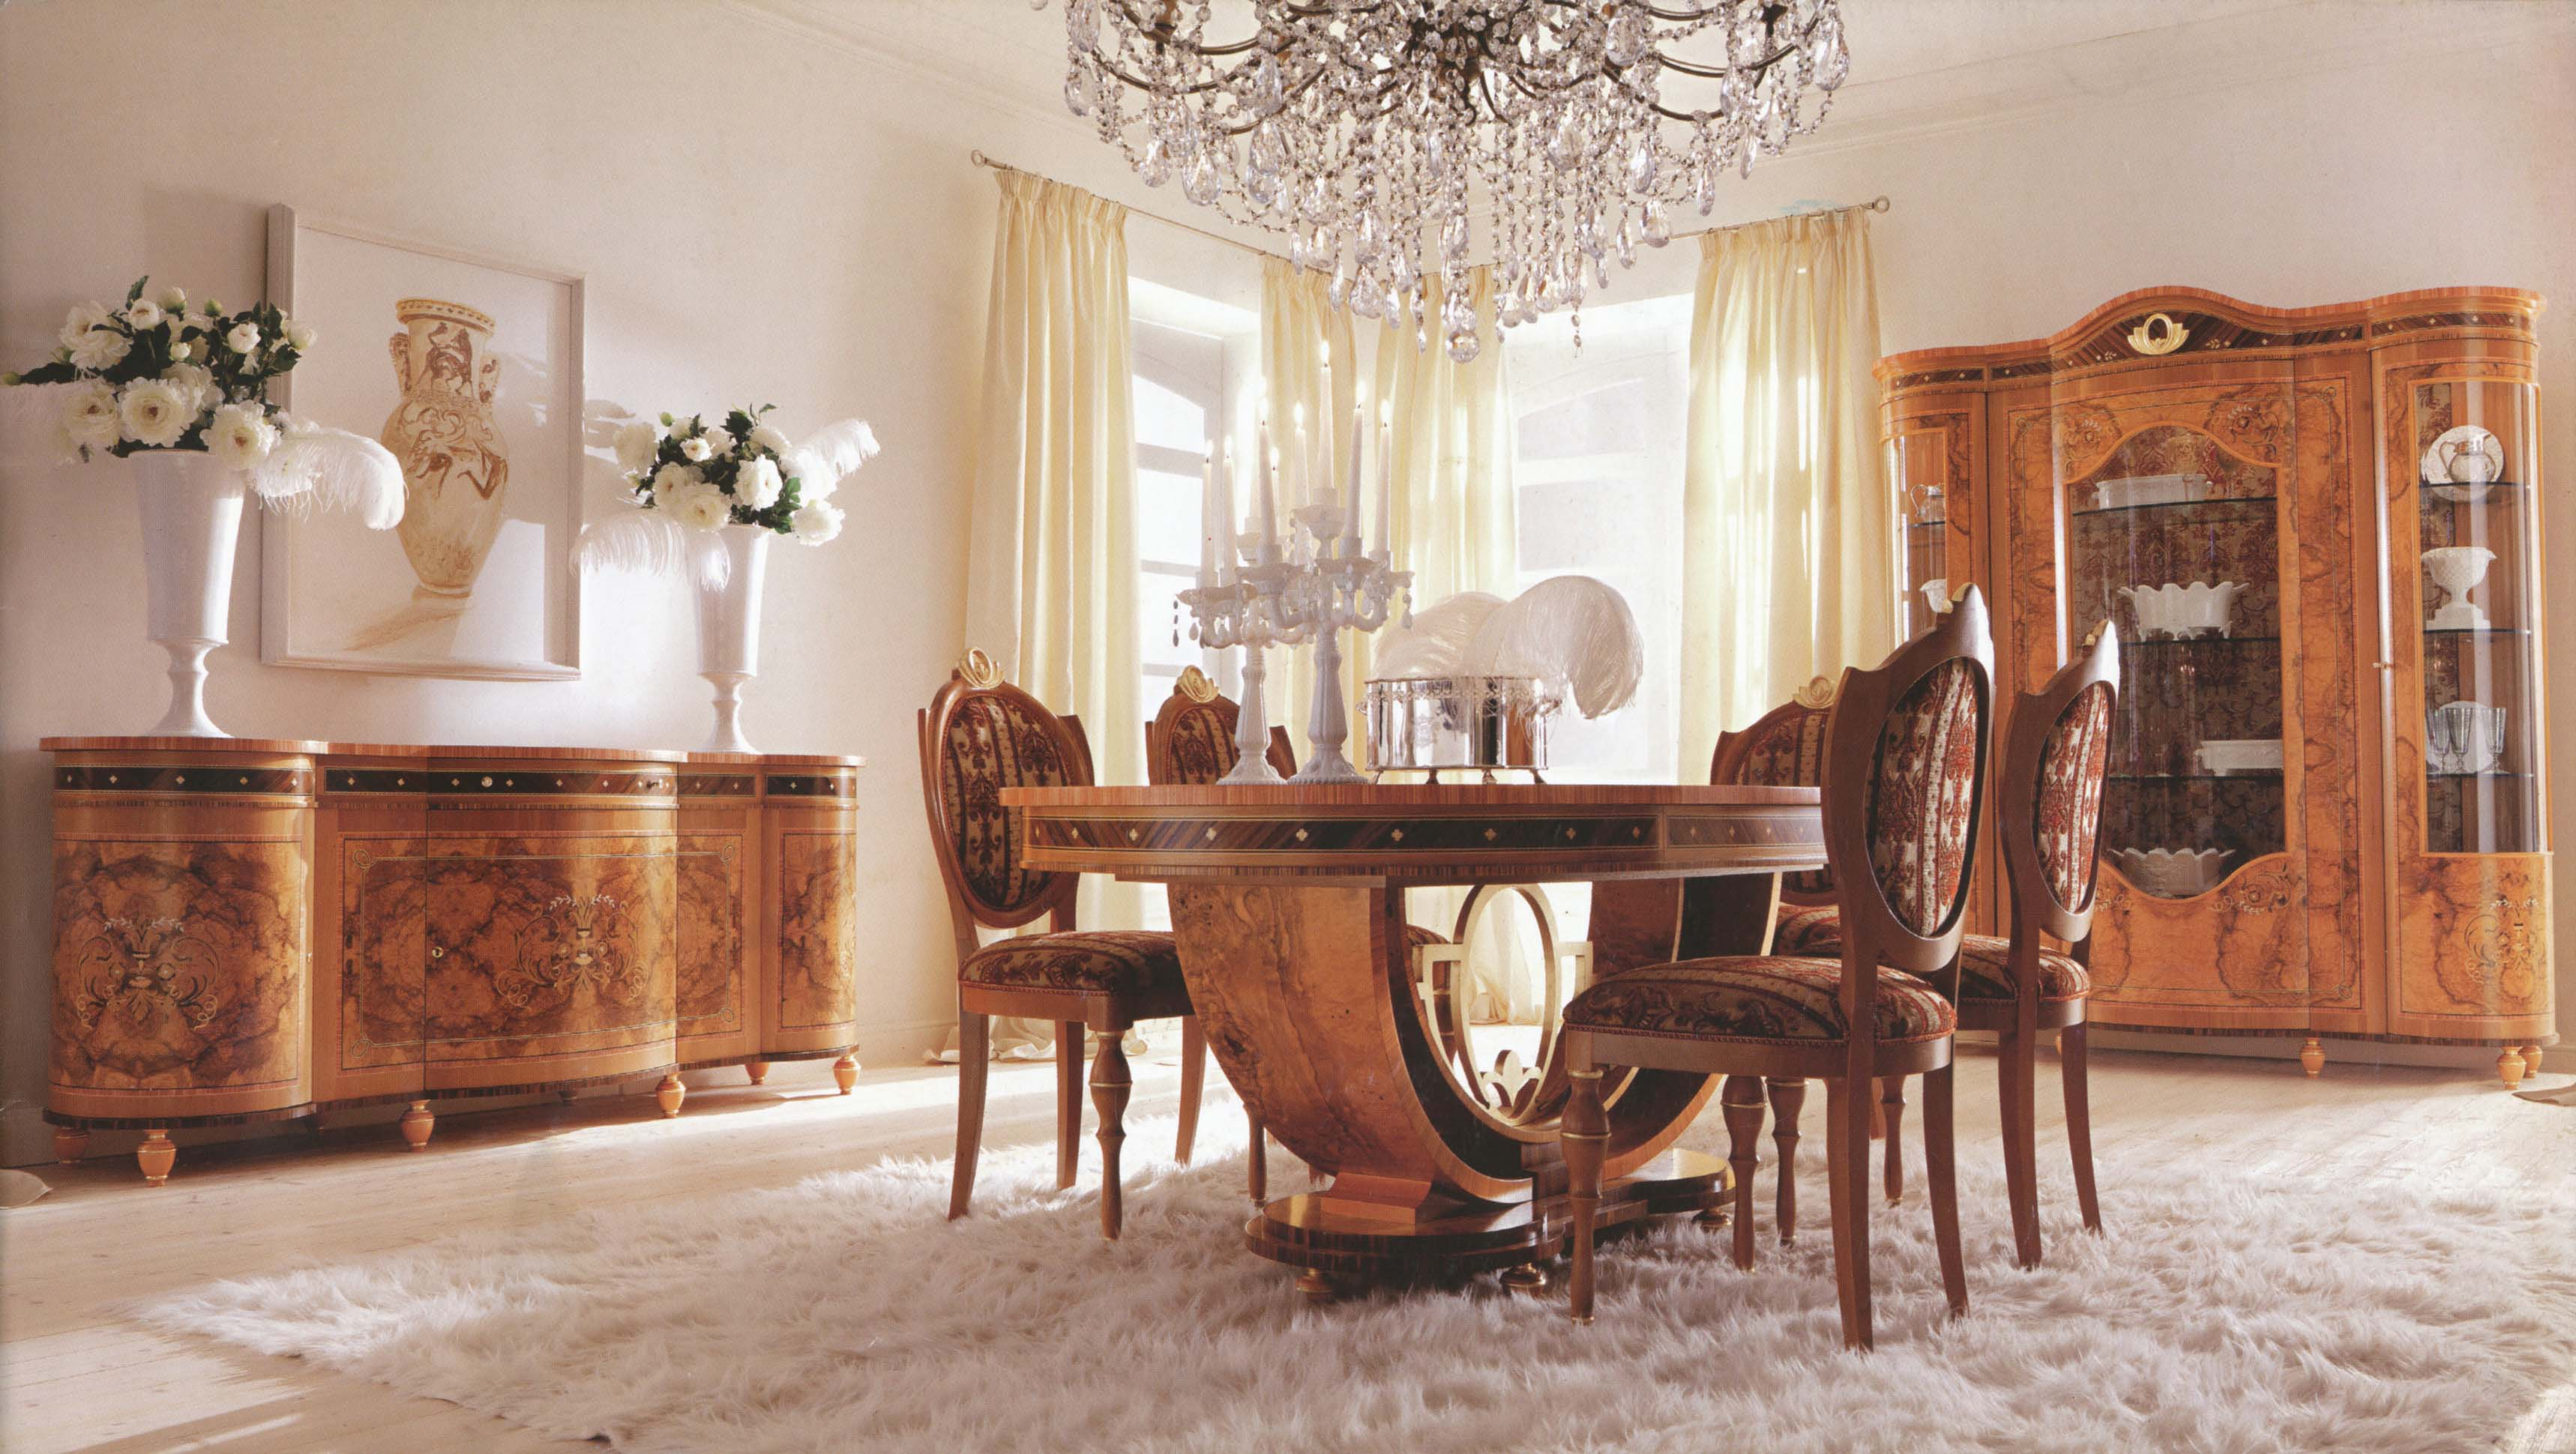 更多关于欧式风格家具特点的内容还请您继续关注我们的好工长装修队图片